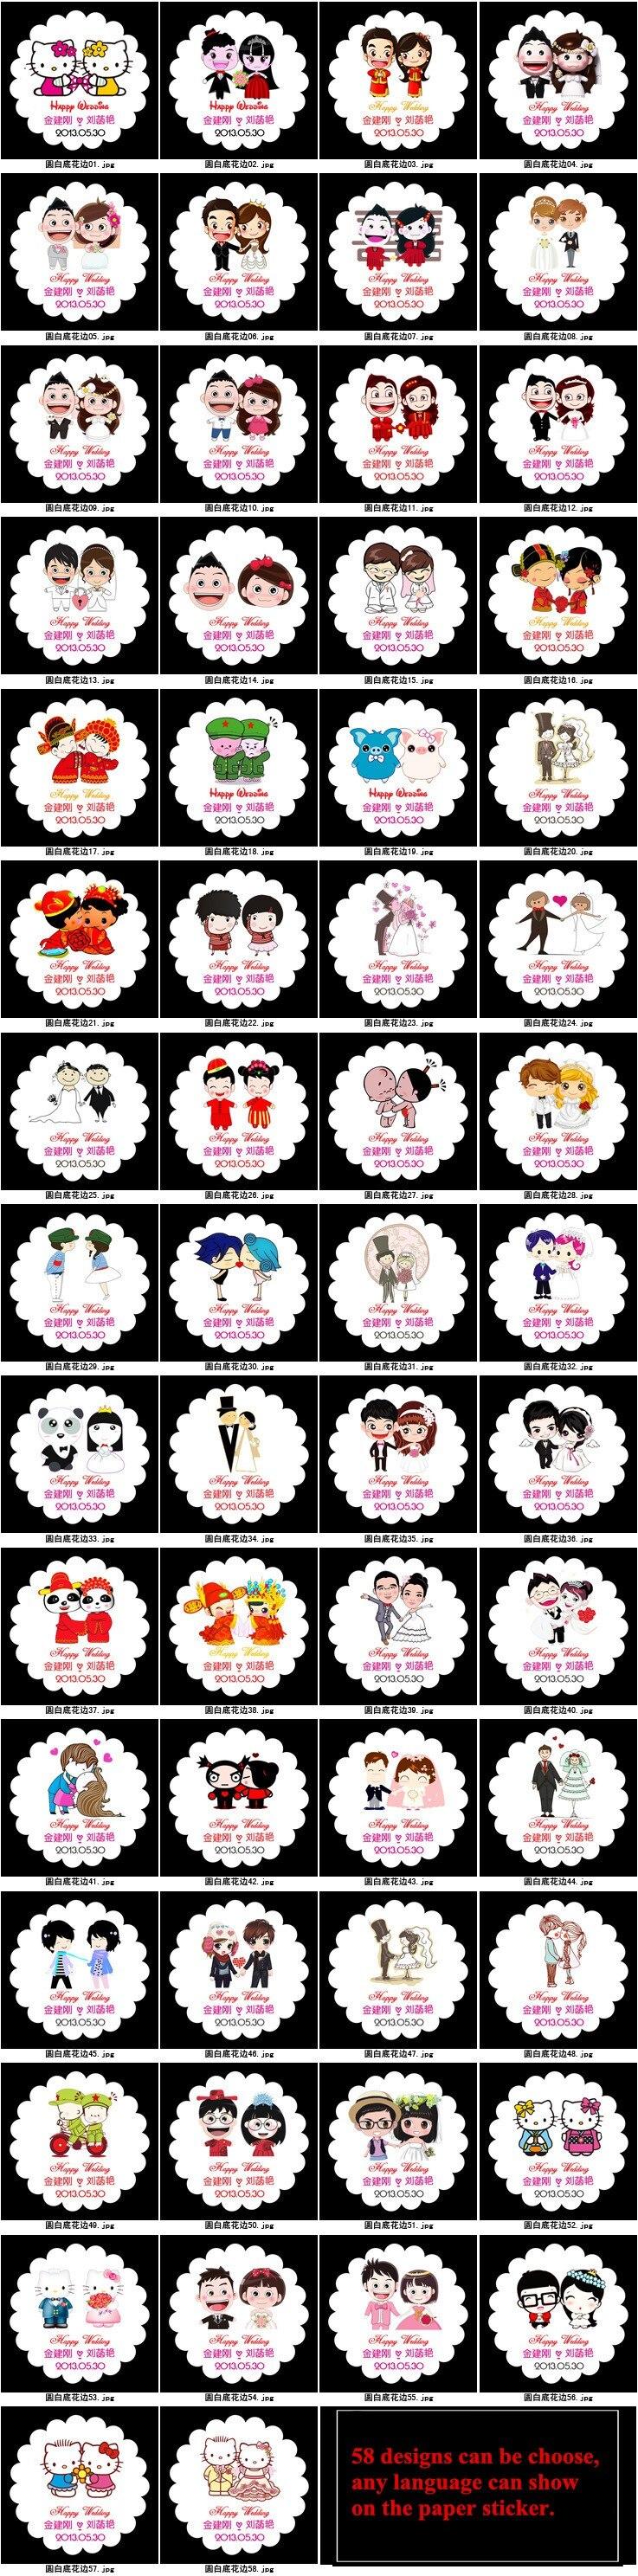 100 шт. Свадебные Self-бумажные наклейки коробка конфет Стикеры s Свадебная пригласительная наклейка собачий жетон на Свадебные торжества